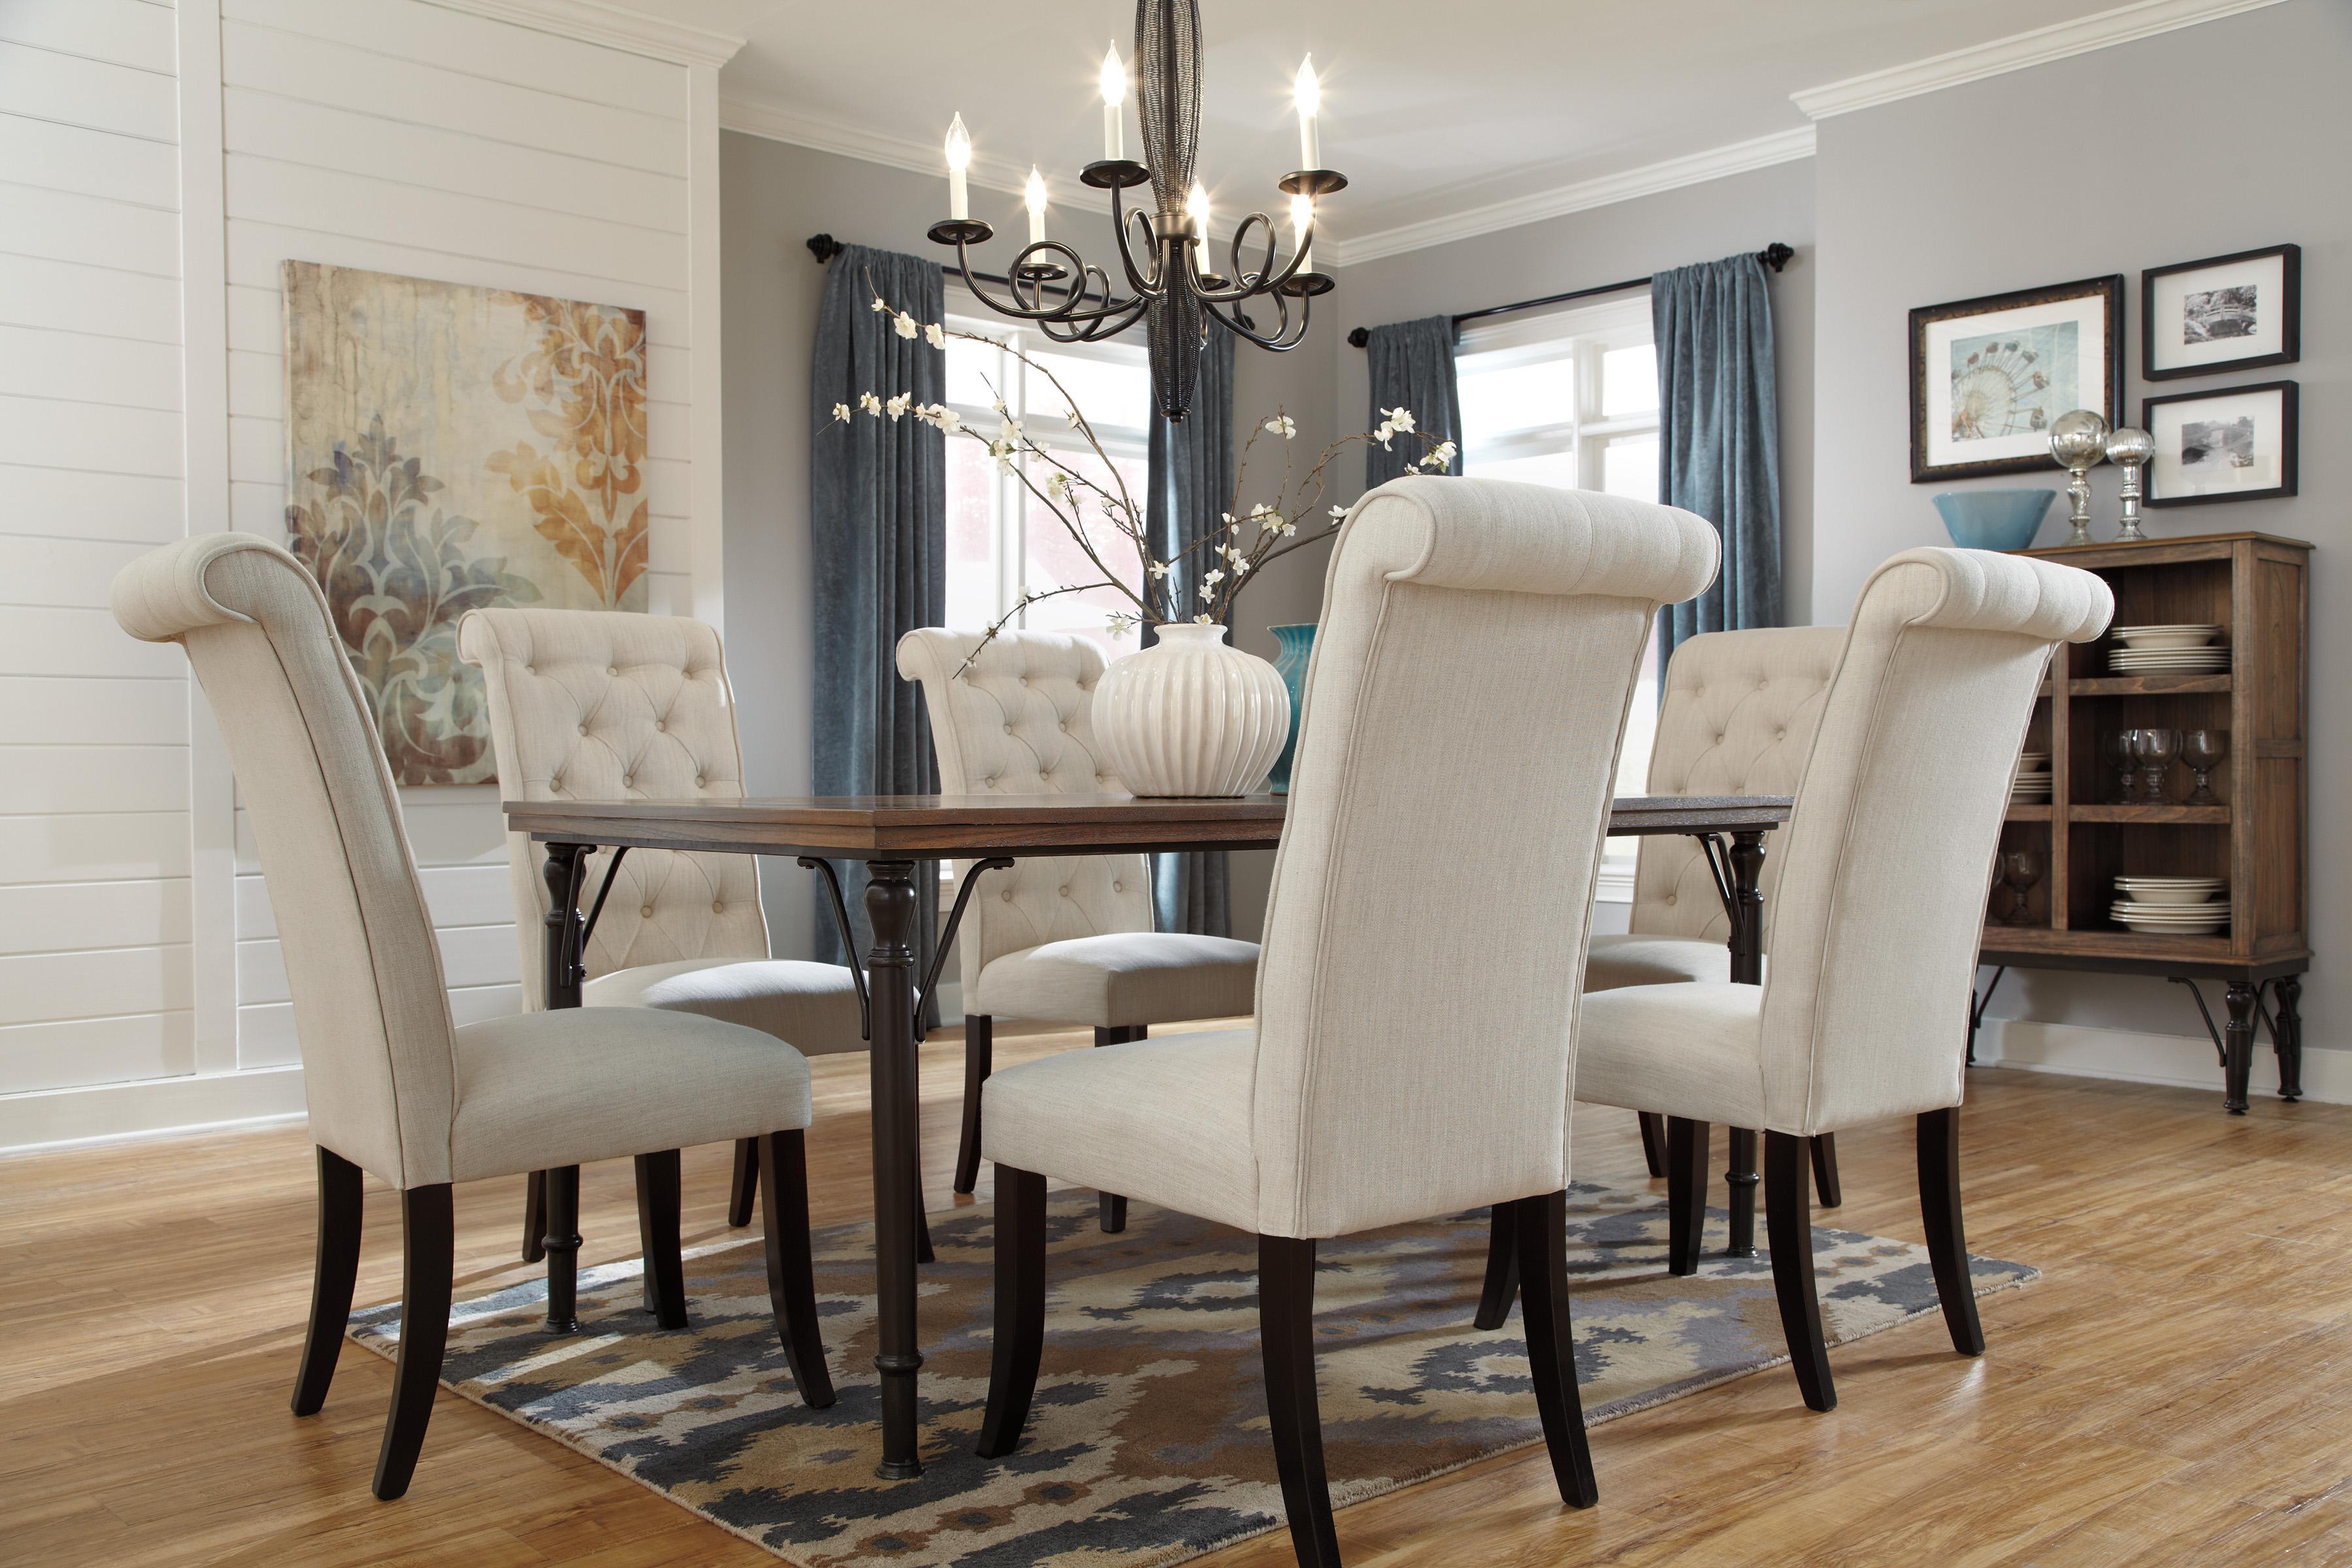 Signature design by ashley tripton d530 25 medium rustic for Medium dining room ideas